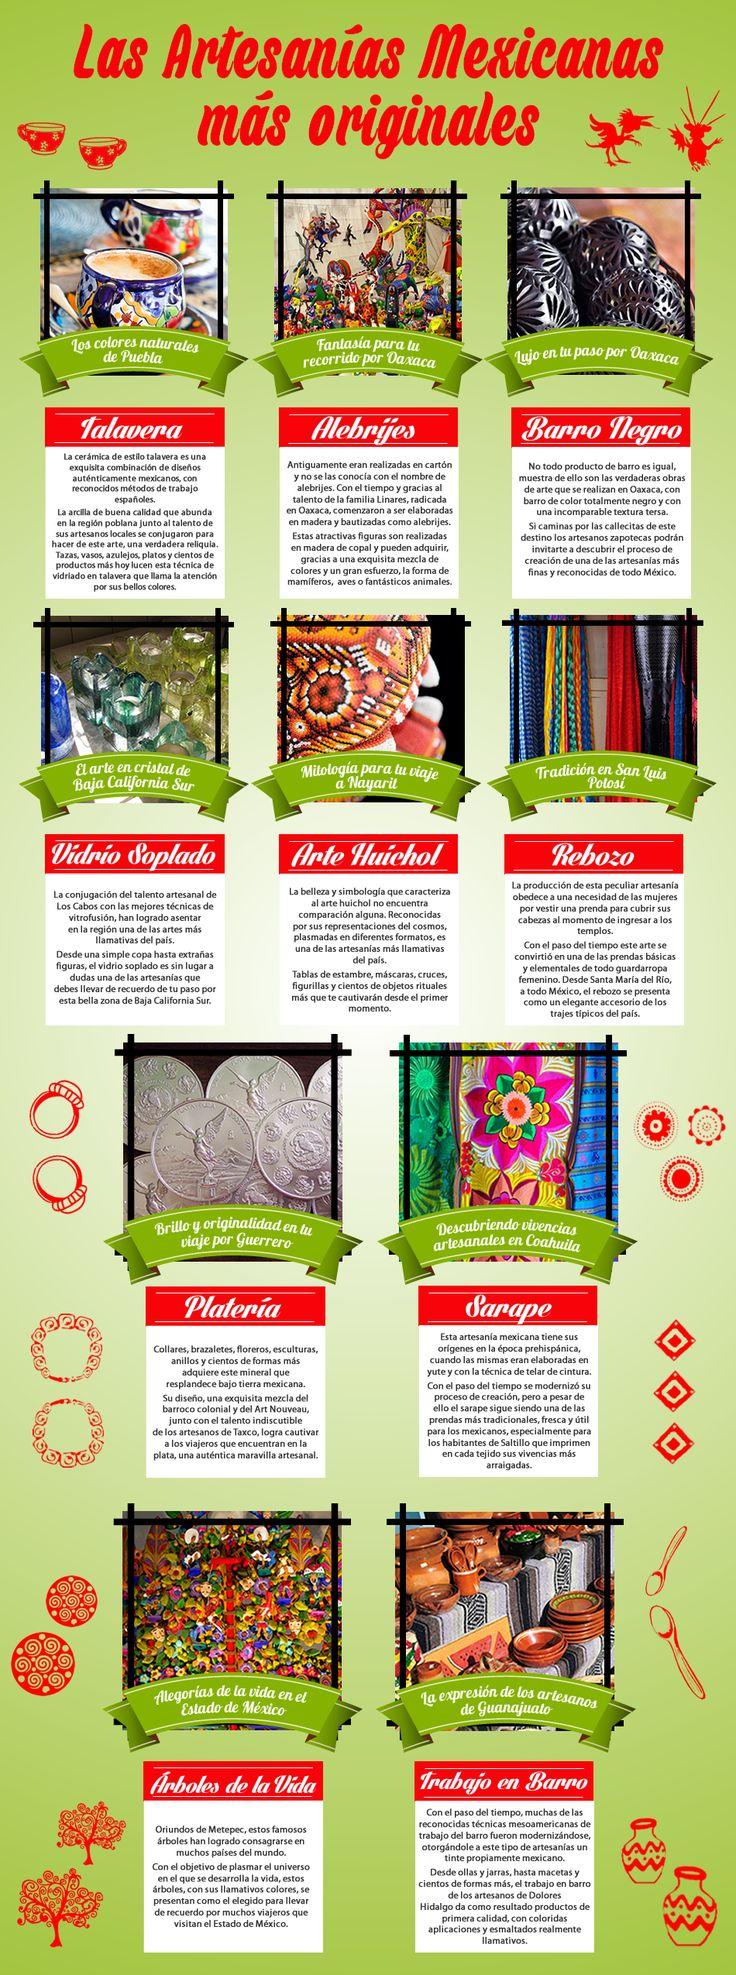 Una mezcla perfecta de colores, lujo, tradición, mitología, formas de expresión. Las #artesanias #mexicanas nos invitan a llevar de recuerdo un pedacito de cada rincón de #México, a casa.  #Infografia http://www.bestday.com.mx/Paquetes/